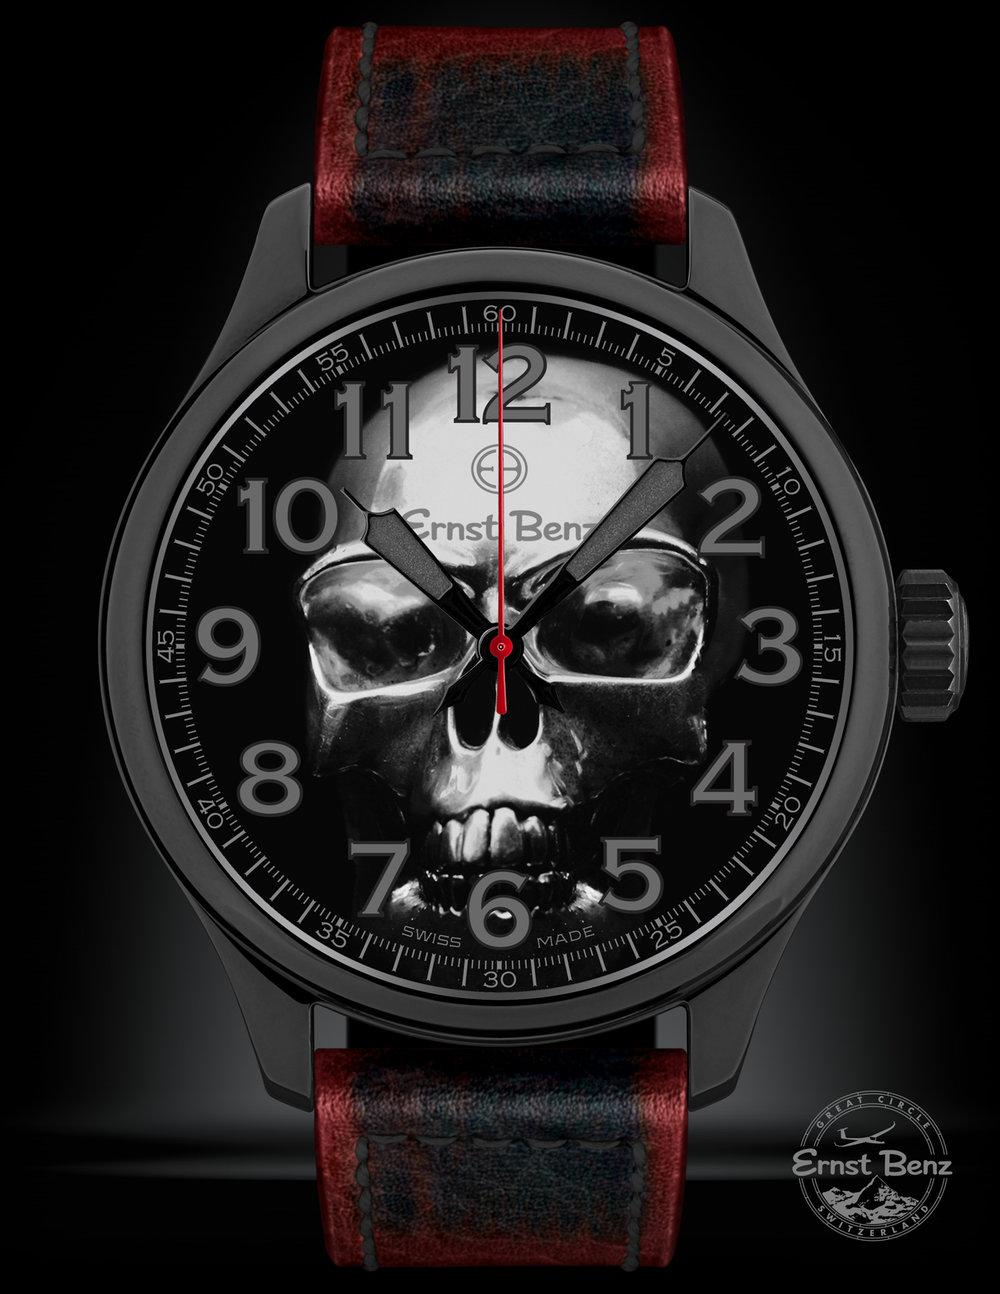 Ernst Benz & Gerard Marti Watch Collaboration